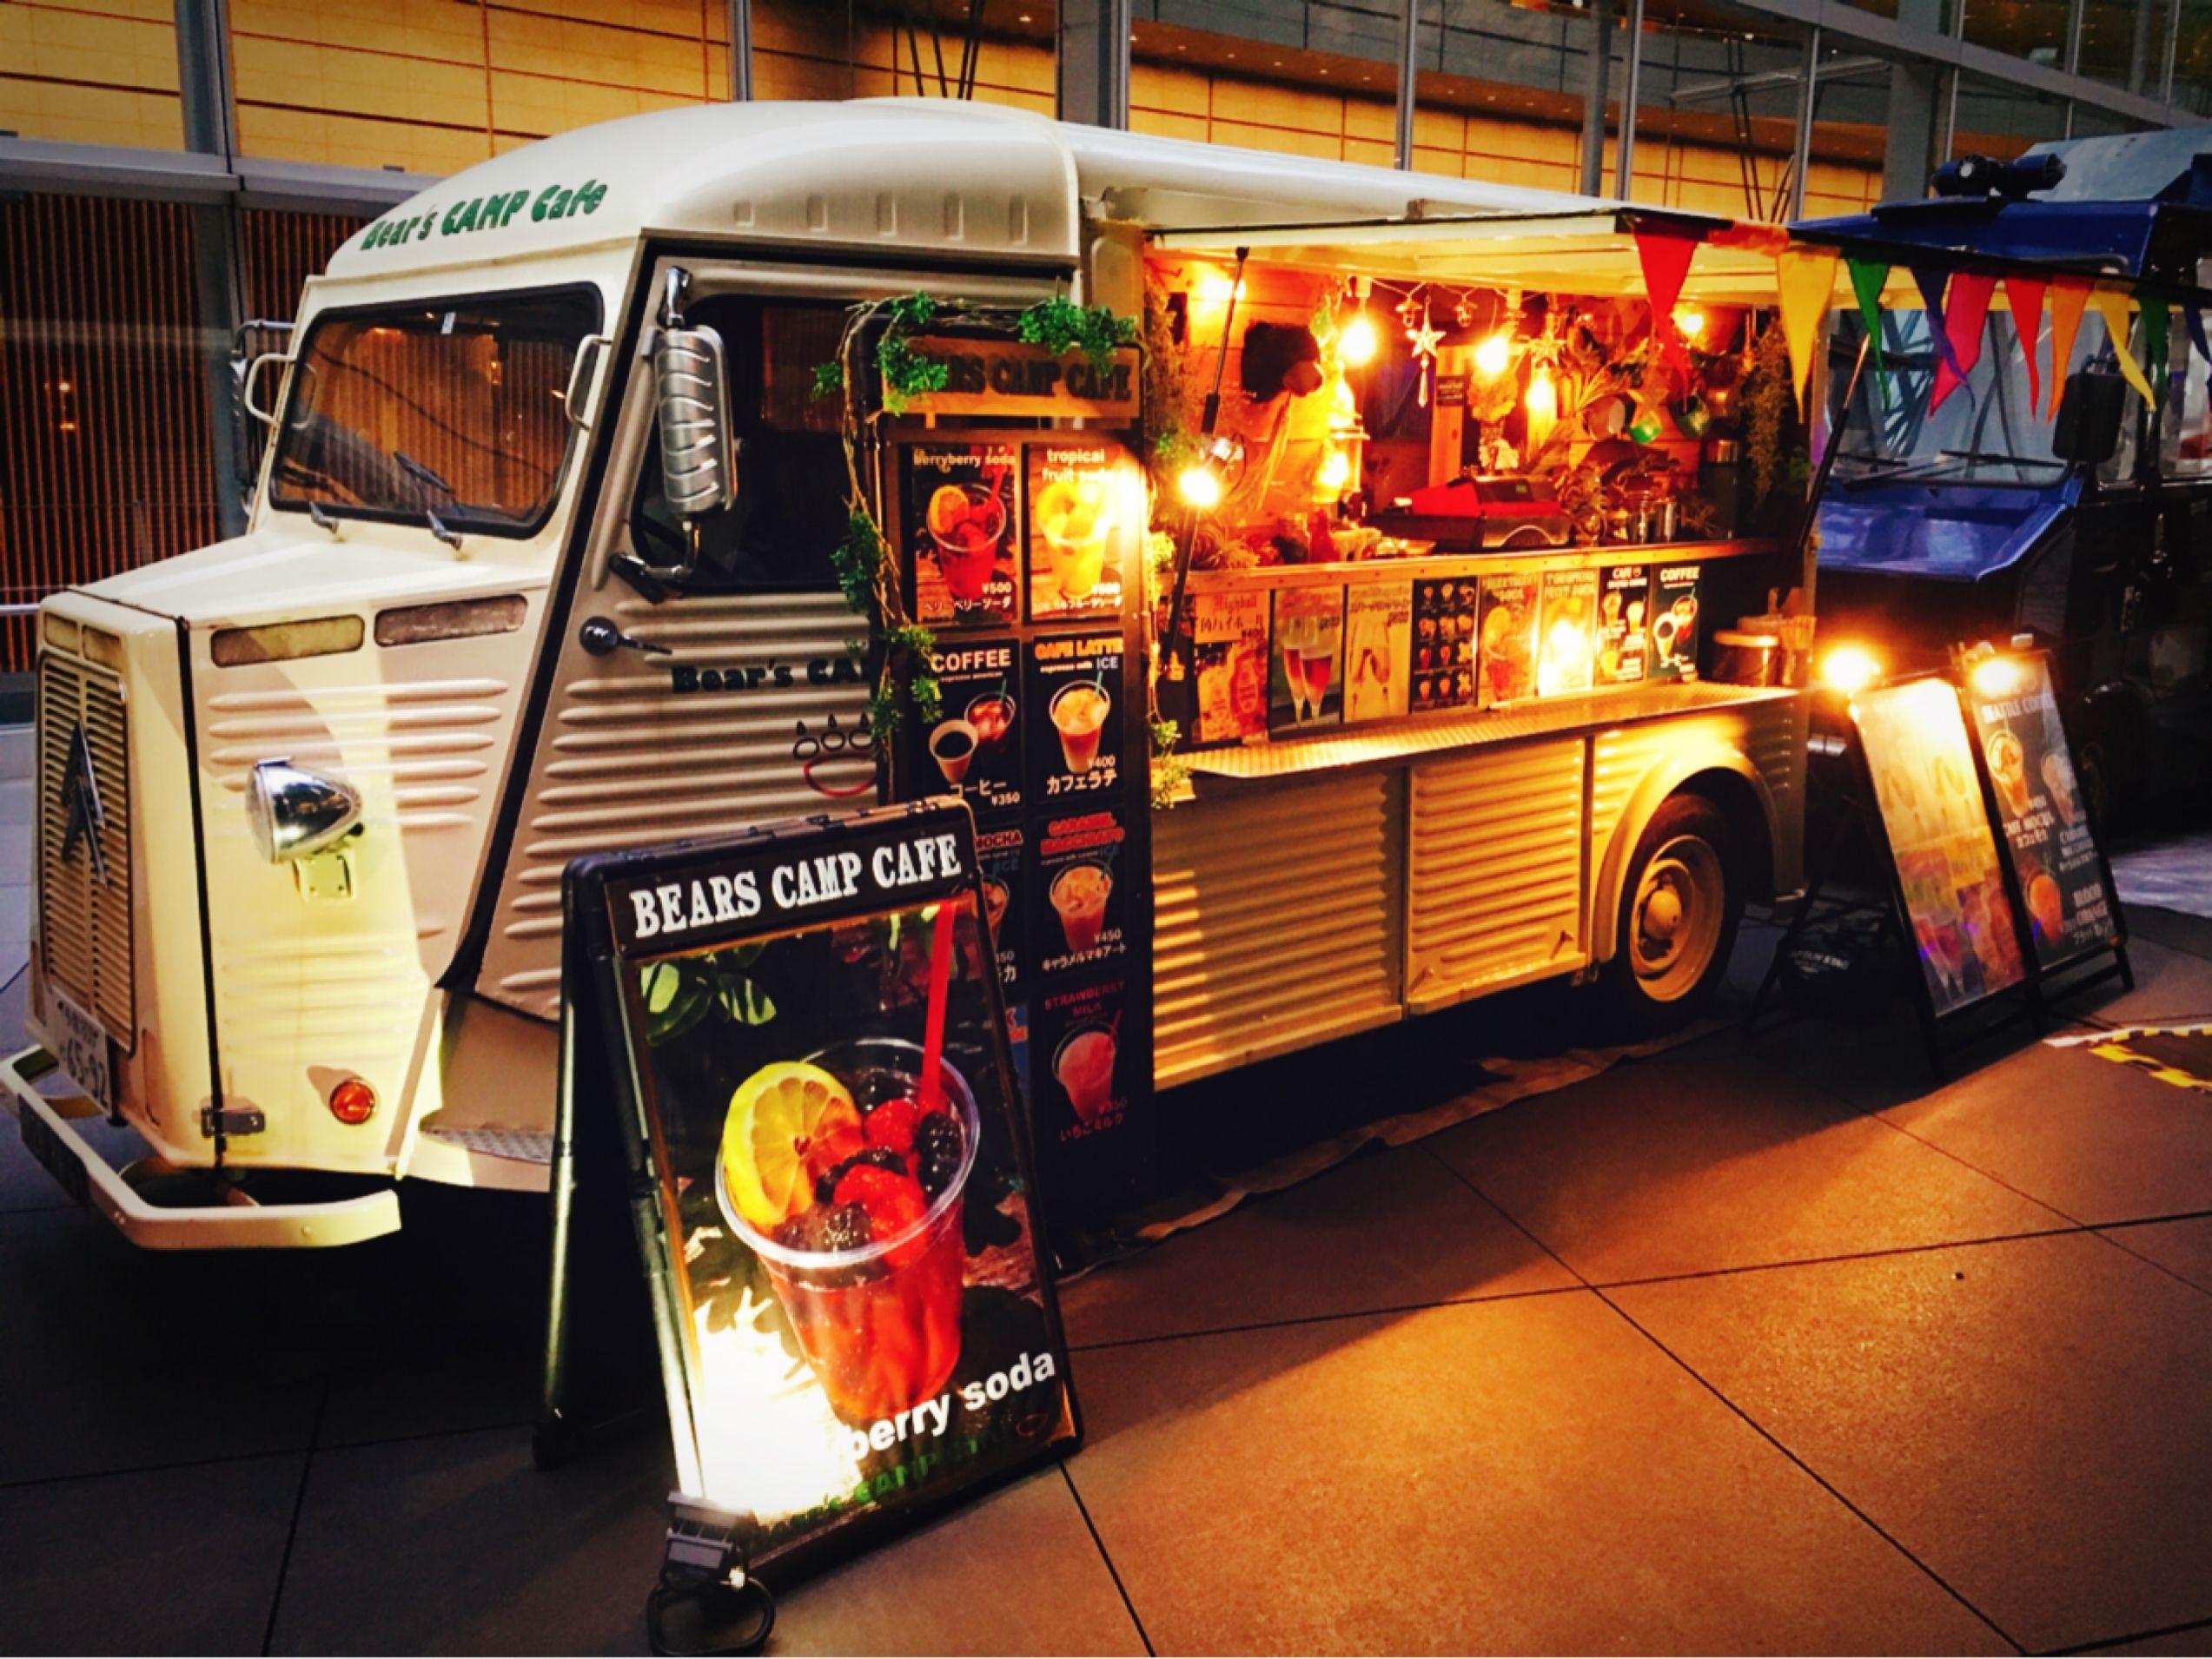 Bear S Camp Cafe フードトラック フードトラックのデザイン キッチンカー